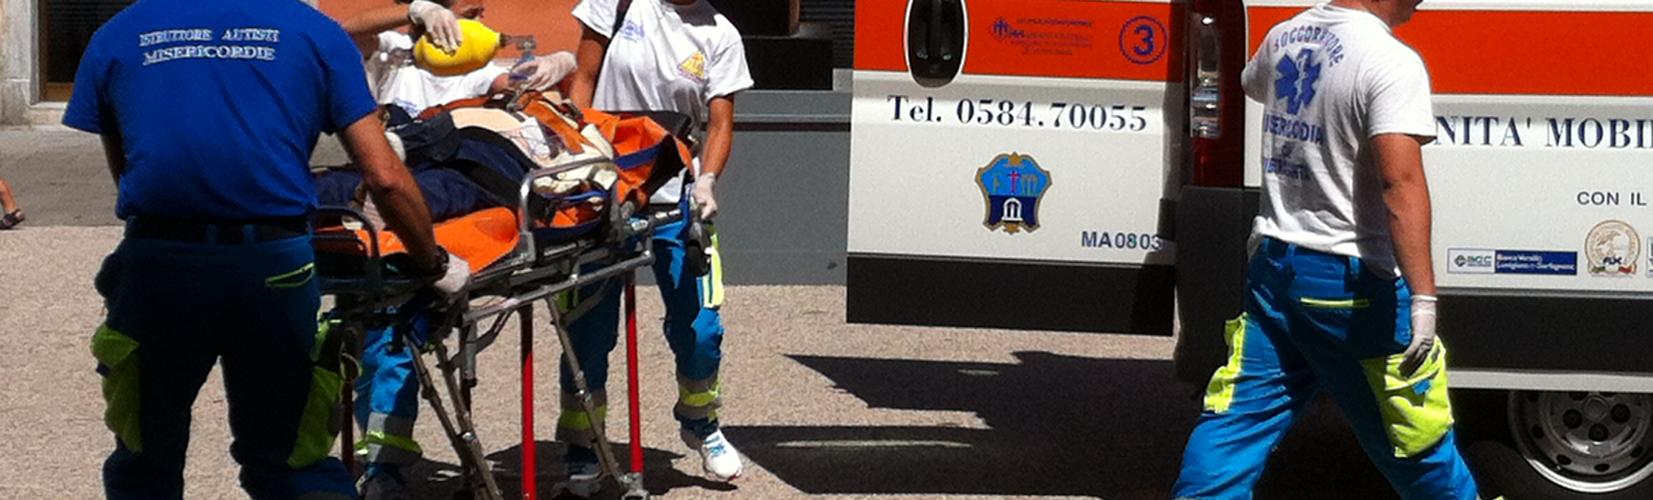 Ambulanza Misericordia di Pietrasanta